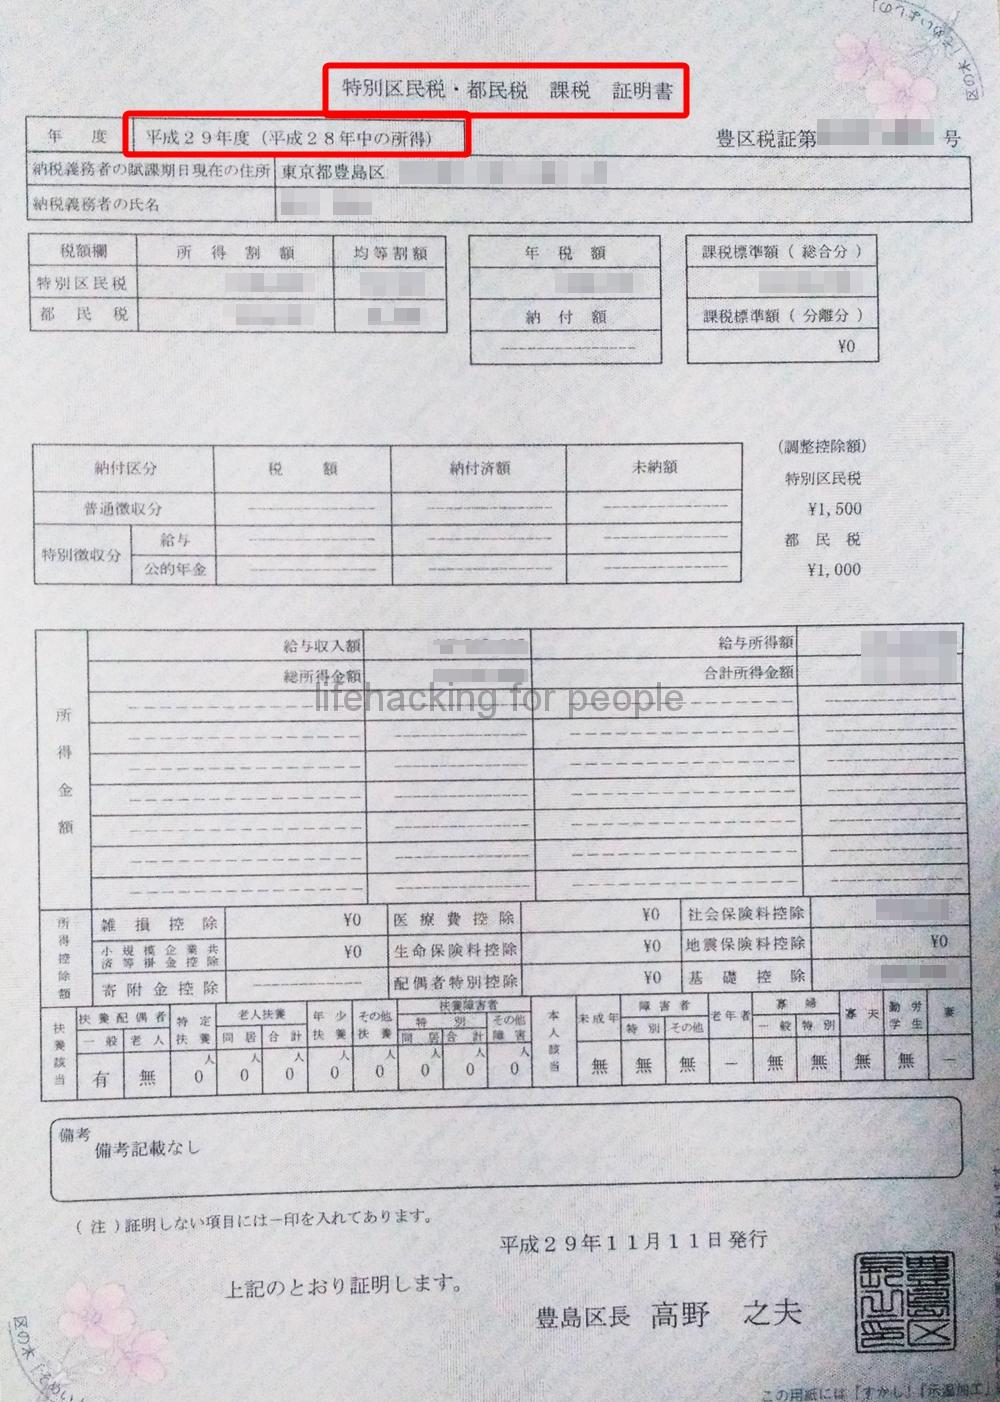 私の「特別区民税・都民税 非課税 証明書」(年度 平成29年度(平成28年度中の所得))